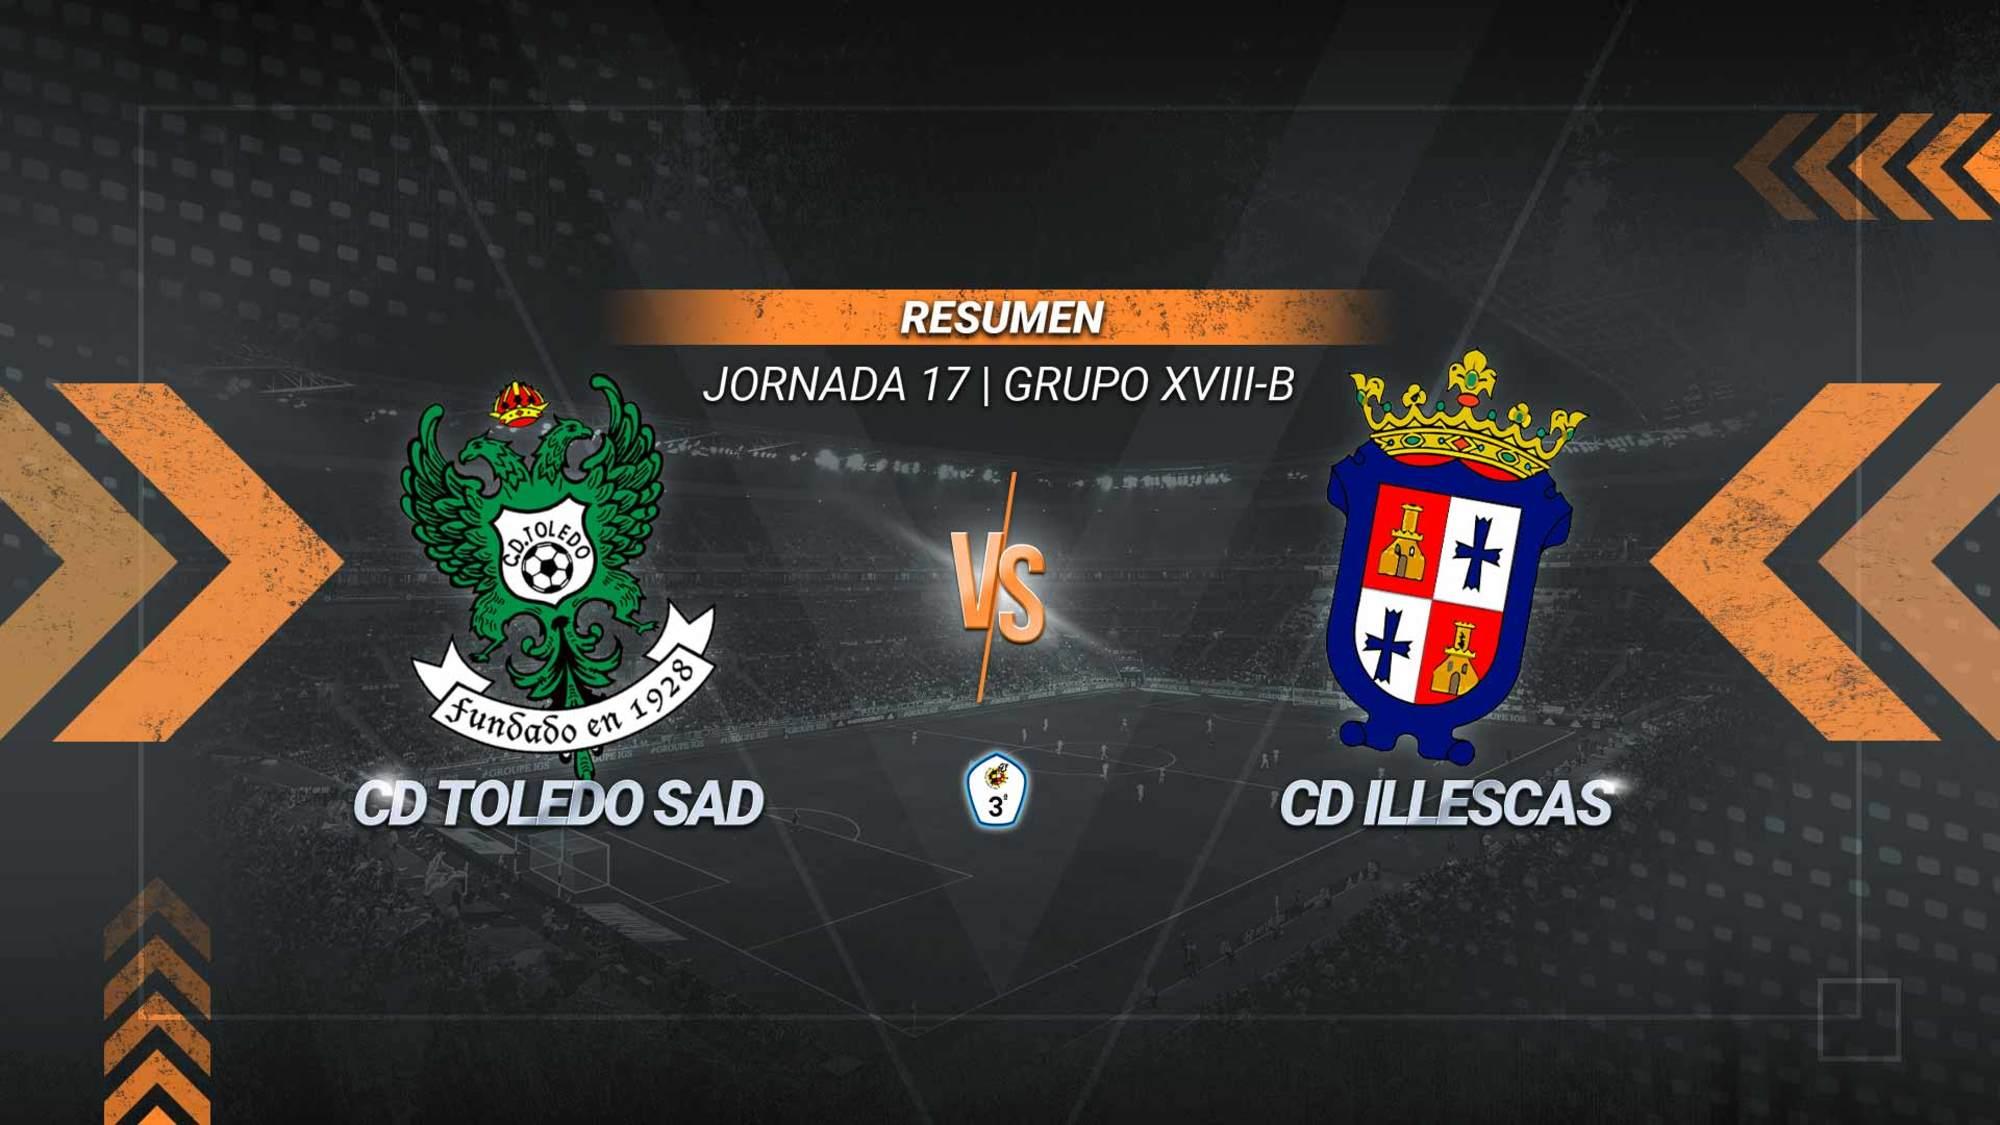 El Toledo suma el segundo triunfo seguido y se aúpa a la tercera posición. Los goles de Rodri, Sabaté y Pituli sirven a los de Diego Merino para colocarse en los puestos de play-off. El Illescas se mantiene en la zona baja con 15.